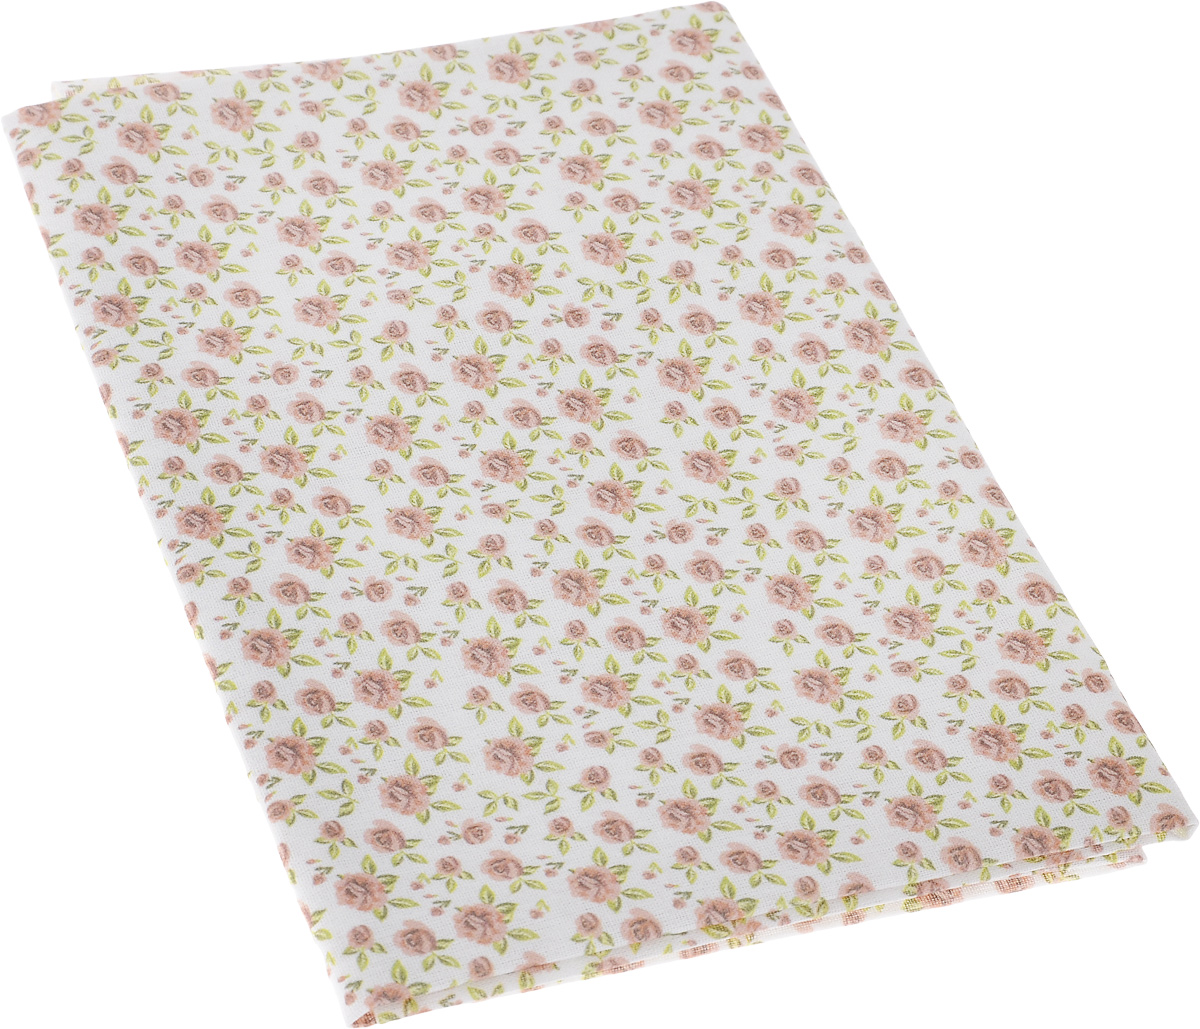 Ткань для пэчворка Артмикс Винтажные розы, цвет: белый, розовый, 48 x 50 смAM566000Ткань Артмикс Винтажные розы, изготовленная из 100% хлопка, предназначена для пошива одеял, покрывал, сумок, аппликаций и прочих изделий в технике пэчворк. Также подходит для пошива кукол, аксессуаров и одежды.Пэчворк - это вид рукоделия, при котором по принципу мозаики сшивается цельное изделие из кусочков ткани (лоскутков). Плотность ткани: 120 г/м2.УВАЖАЕМЫЕ КЛИЕНТЫ!Обращаем ваше внимание, на тот факт, что размер отреза может отличаться на 1-2 см.